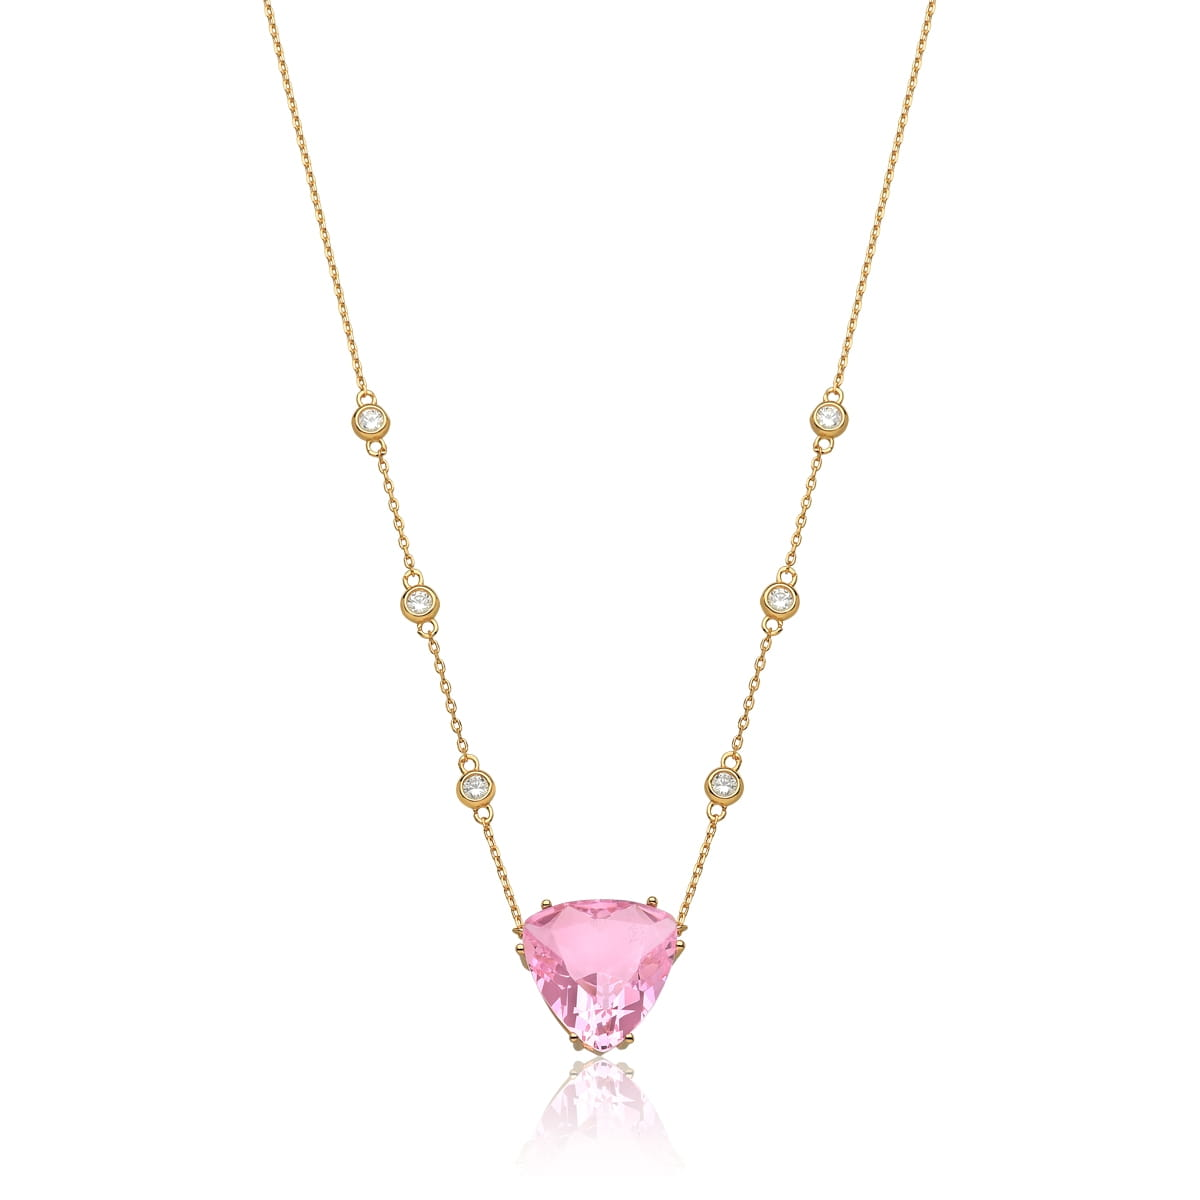 Corrente com Pingente Cristal Triangular Rosa Folheada a Ouro